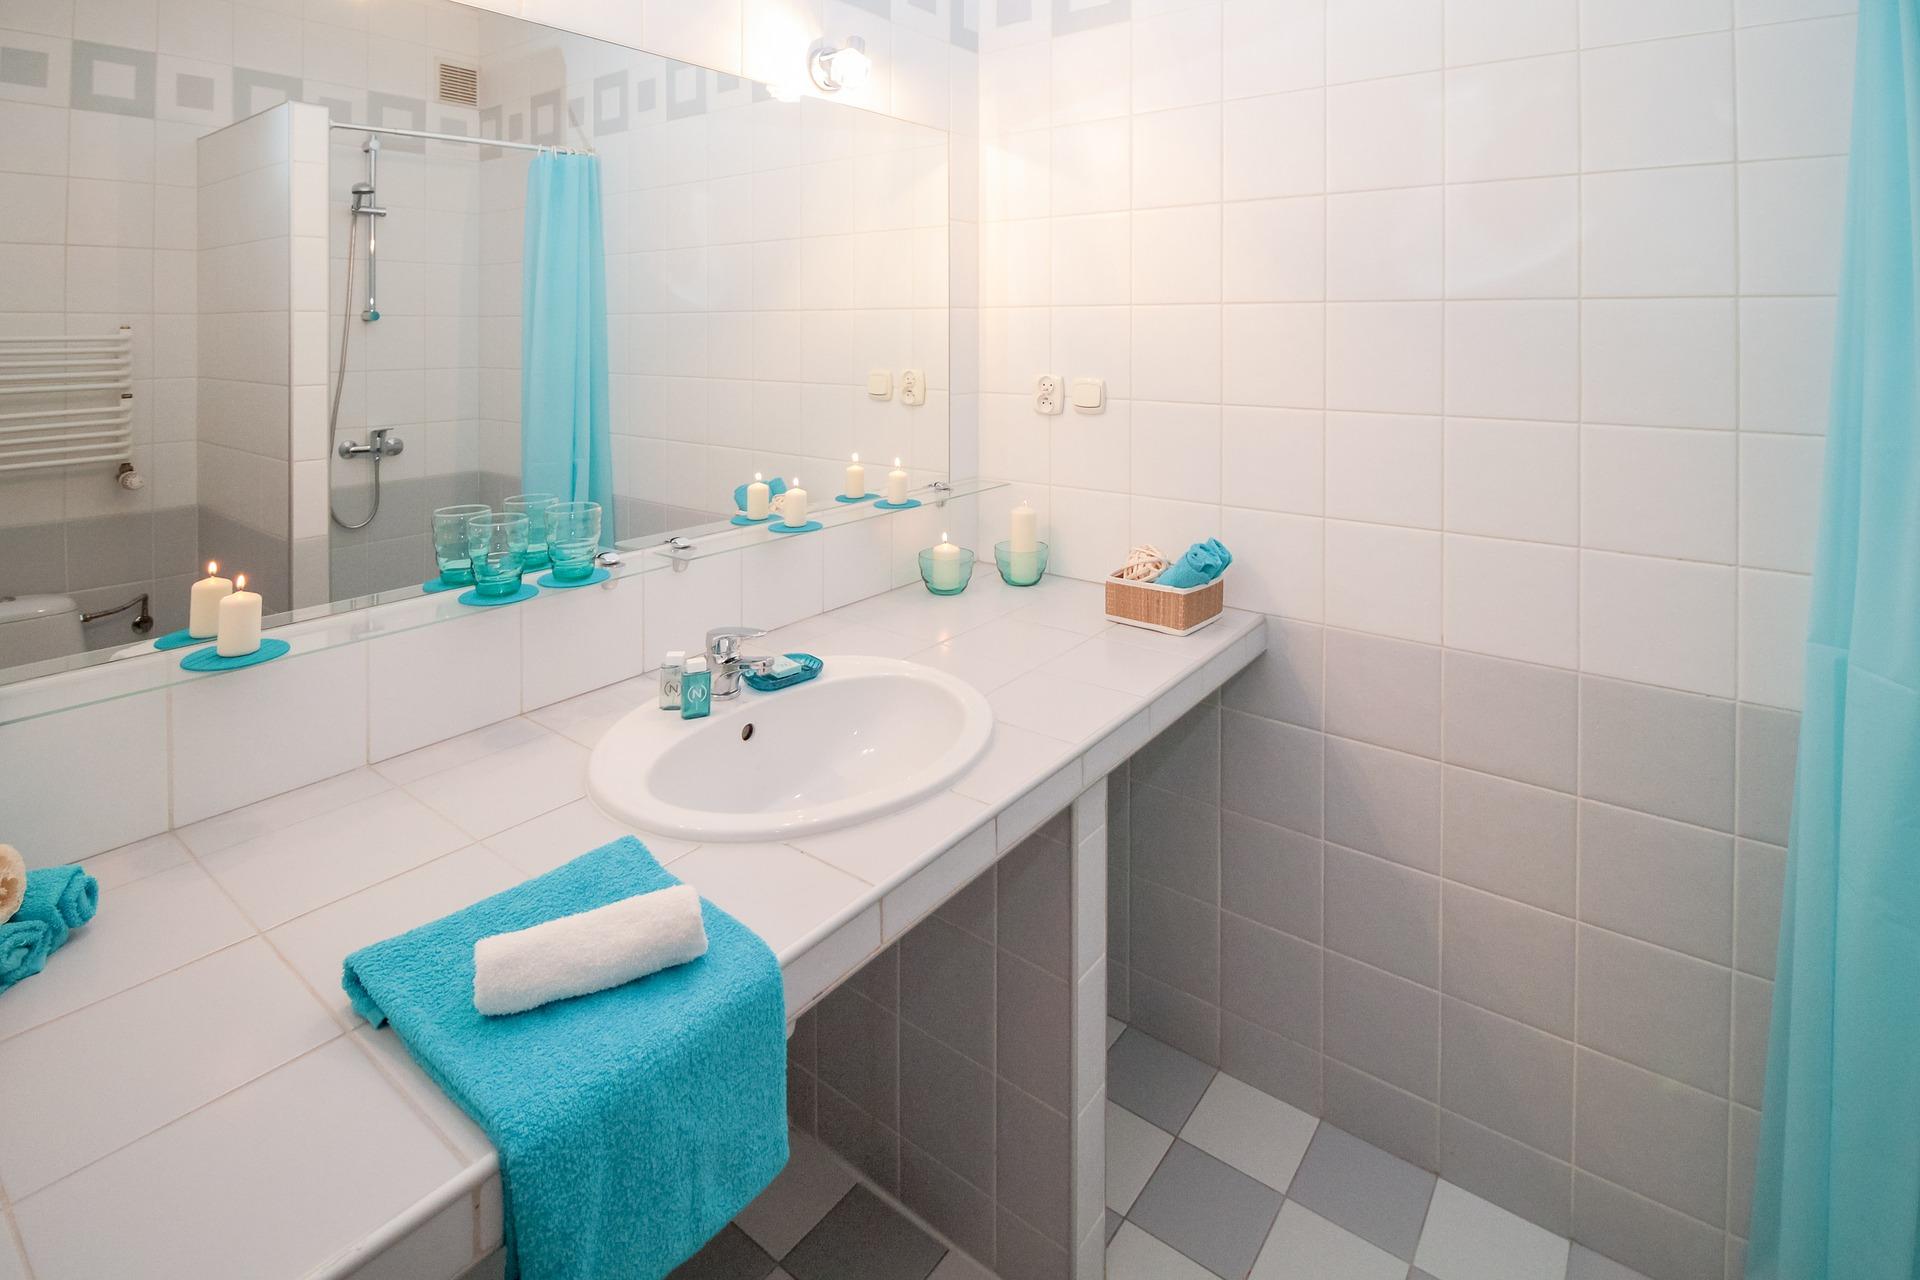 Een lekkage in de badkamer oplossen